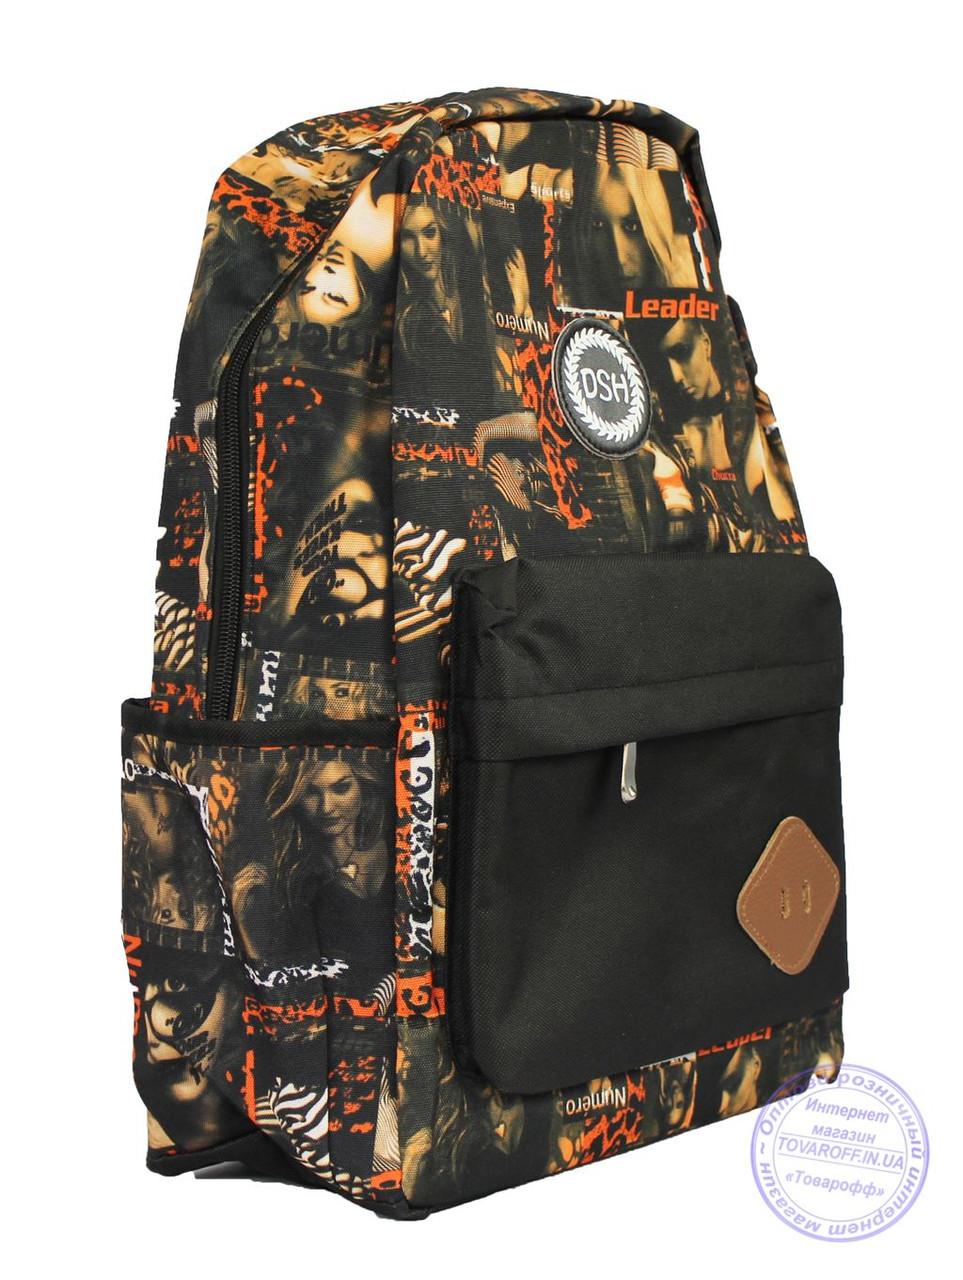 Рюкзак с фото принтом для девочек 503-5